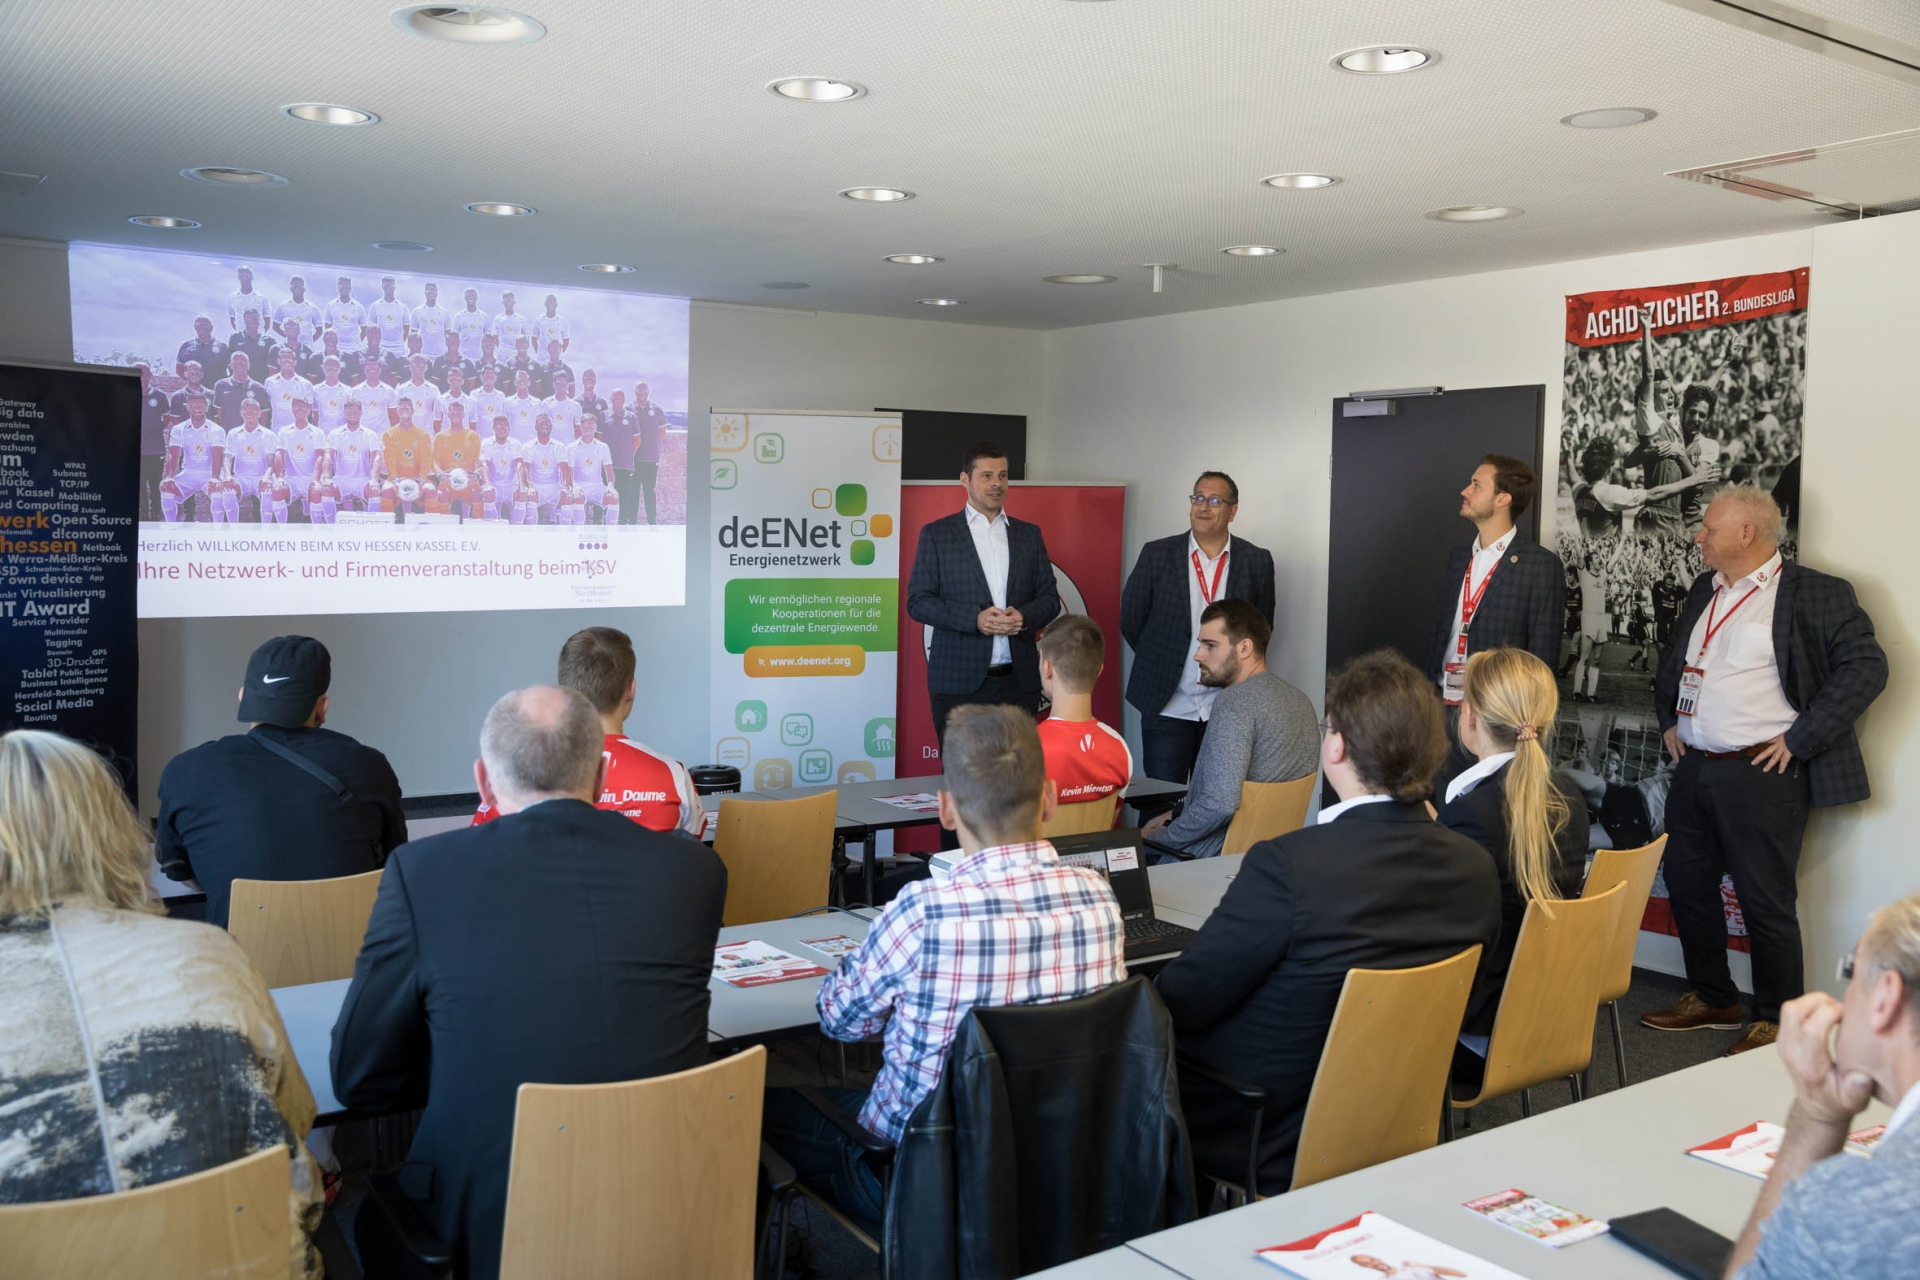 Am Samstag, den 21.09.2019 findet das gemeinsame Netzwerktreffen von deENet, MoWiN.net und dem IT Netzwerk beim KSV Hessen Kassel im Auestadion statt.